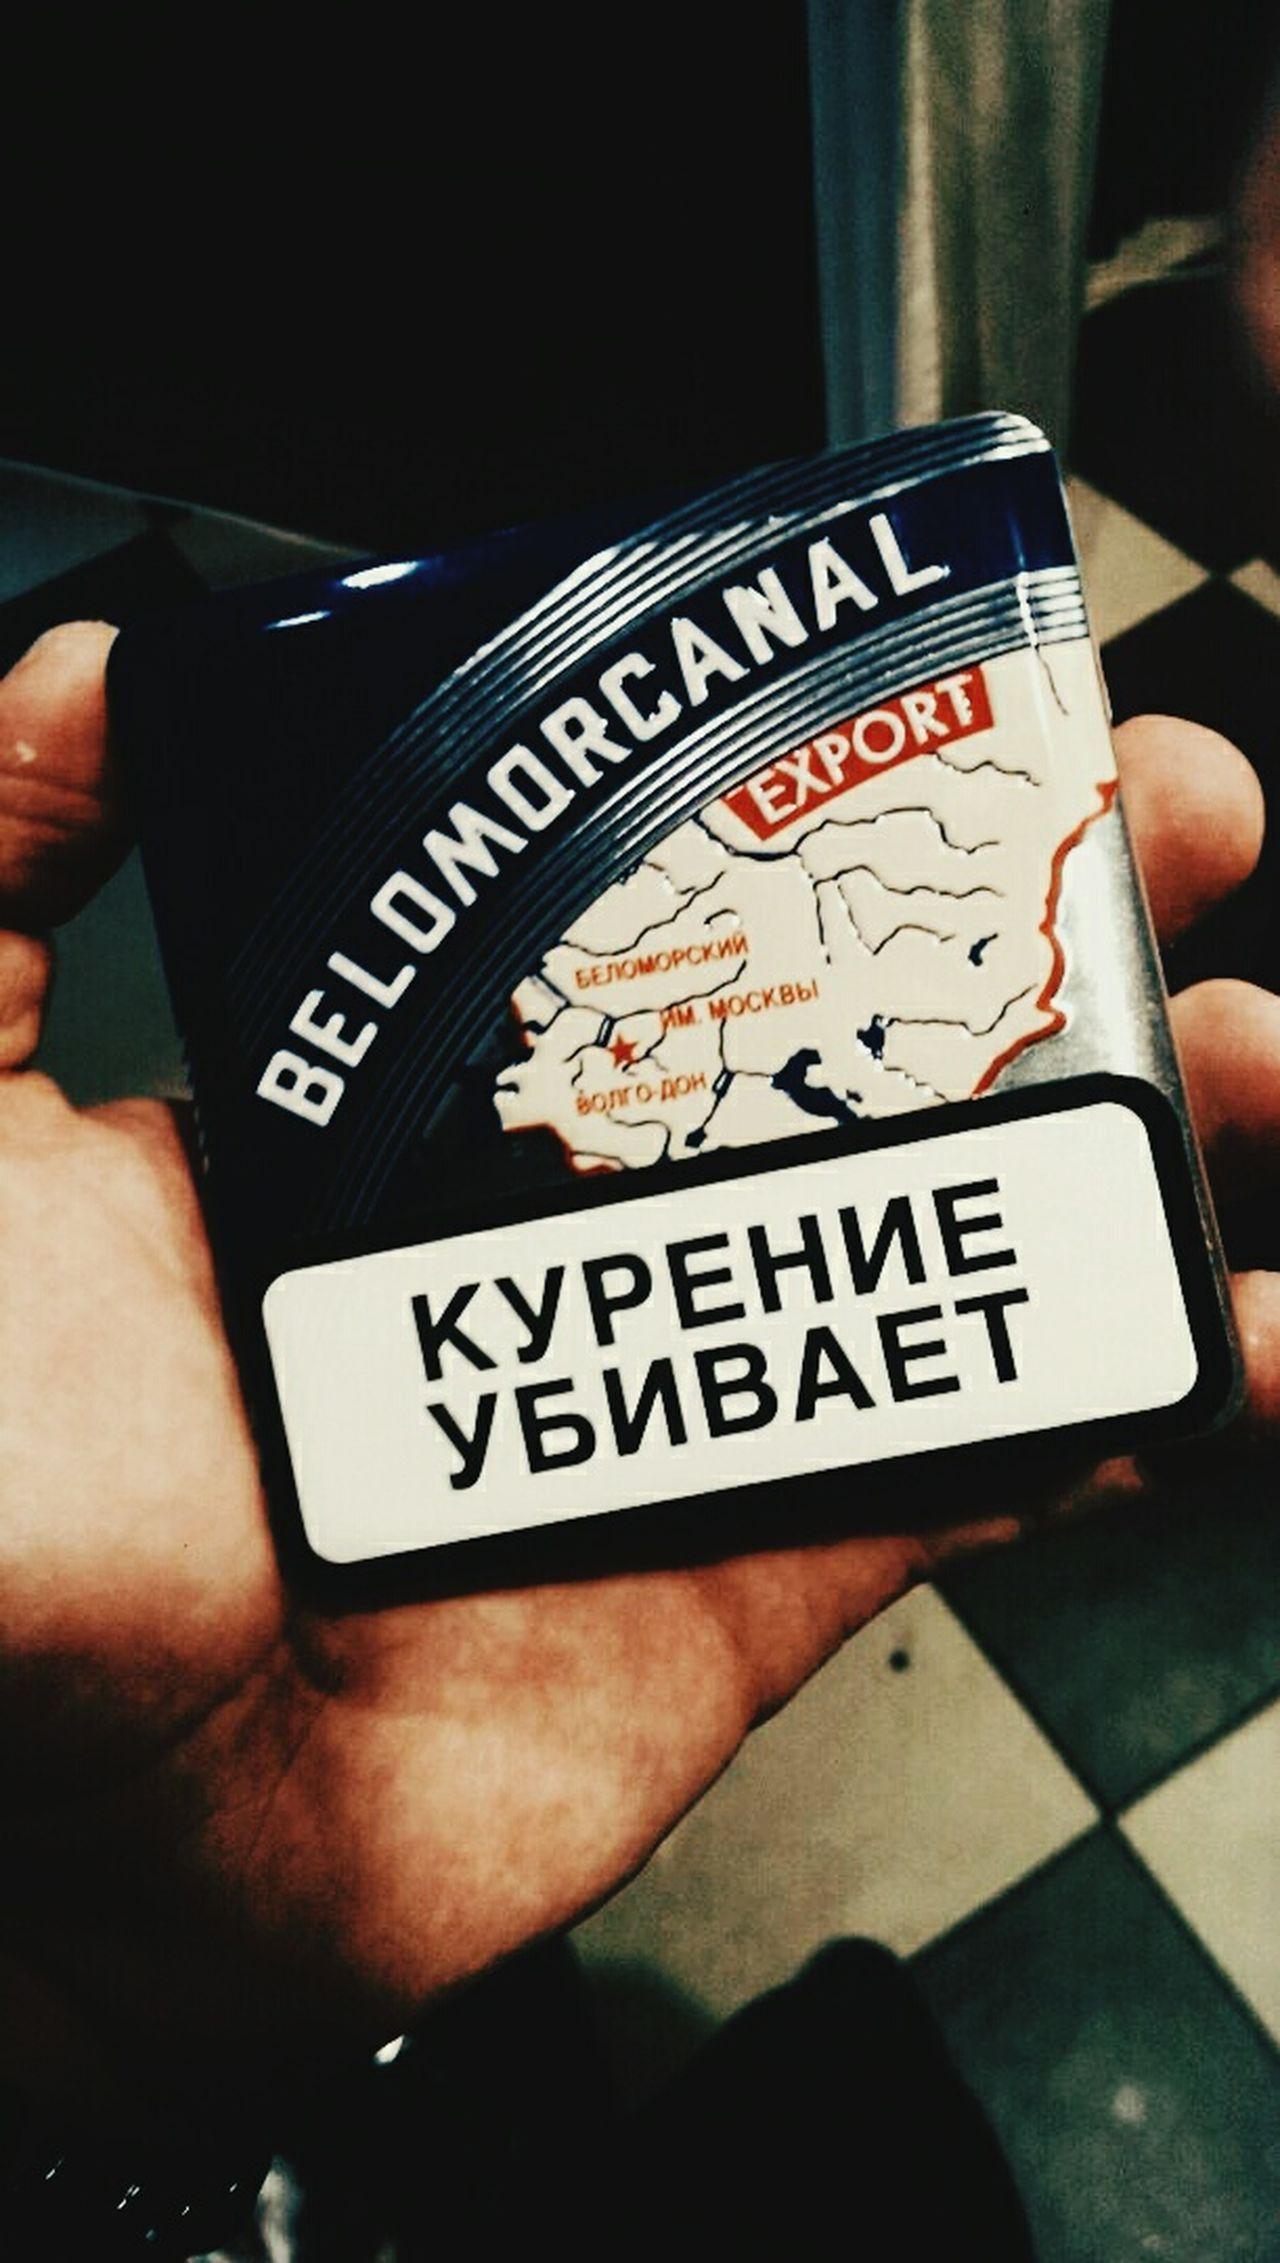 Russian Belomorcanal Smoke Oldschool Night Indoors  Followme Follow4follow follow #f4f #followme #TagsForLikes #TFLers #followforfollow #follow4follow #teamfollowback #followher Followbackteam Followed